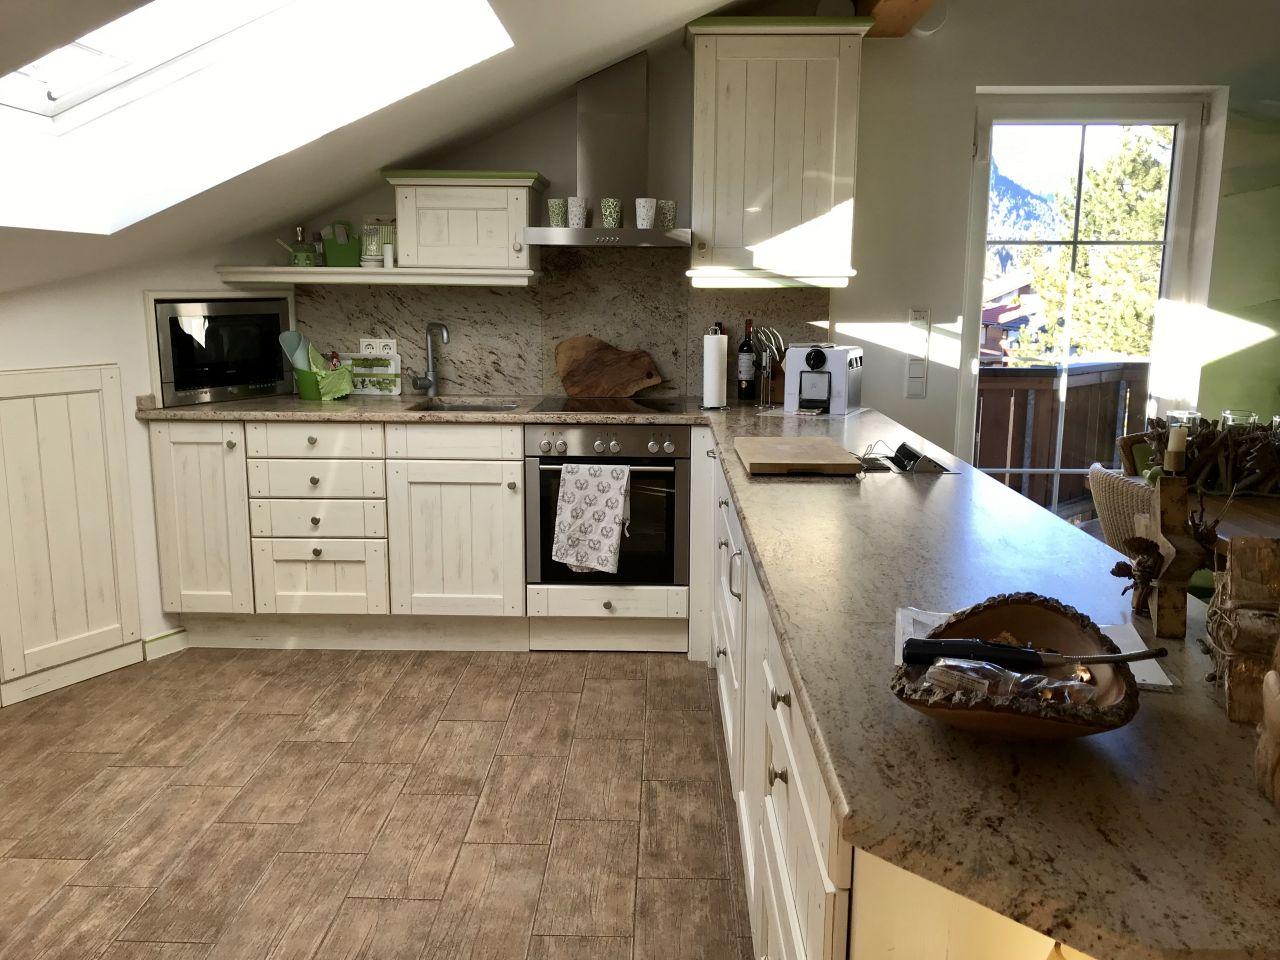 immobilien garmisch partenkirchen zauberhafte dachgeschoss wohnung mit grandiosem bergblick. Black Bedroom Furniture Sets. Home Design Ideas